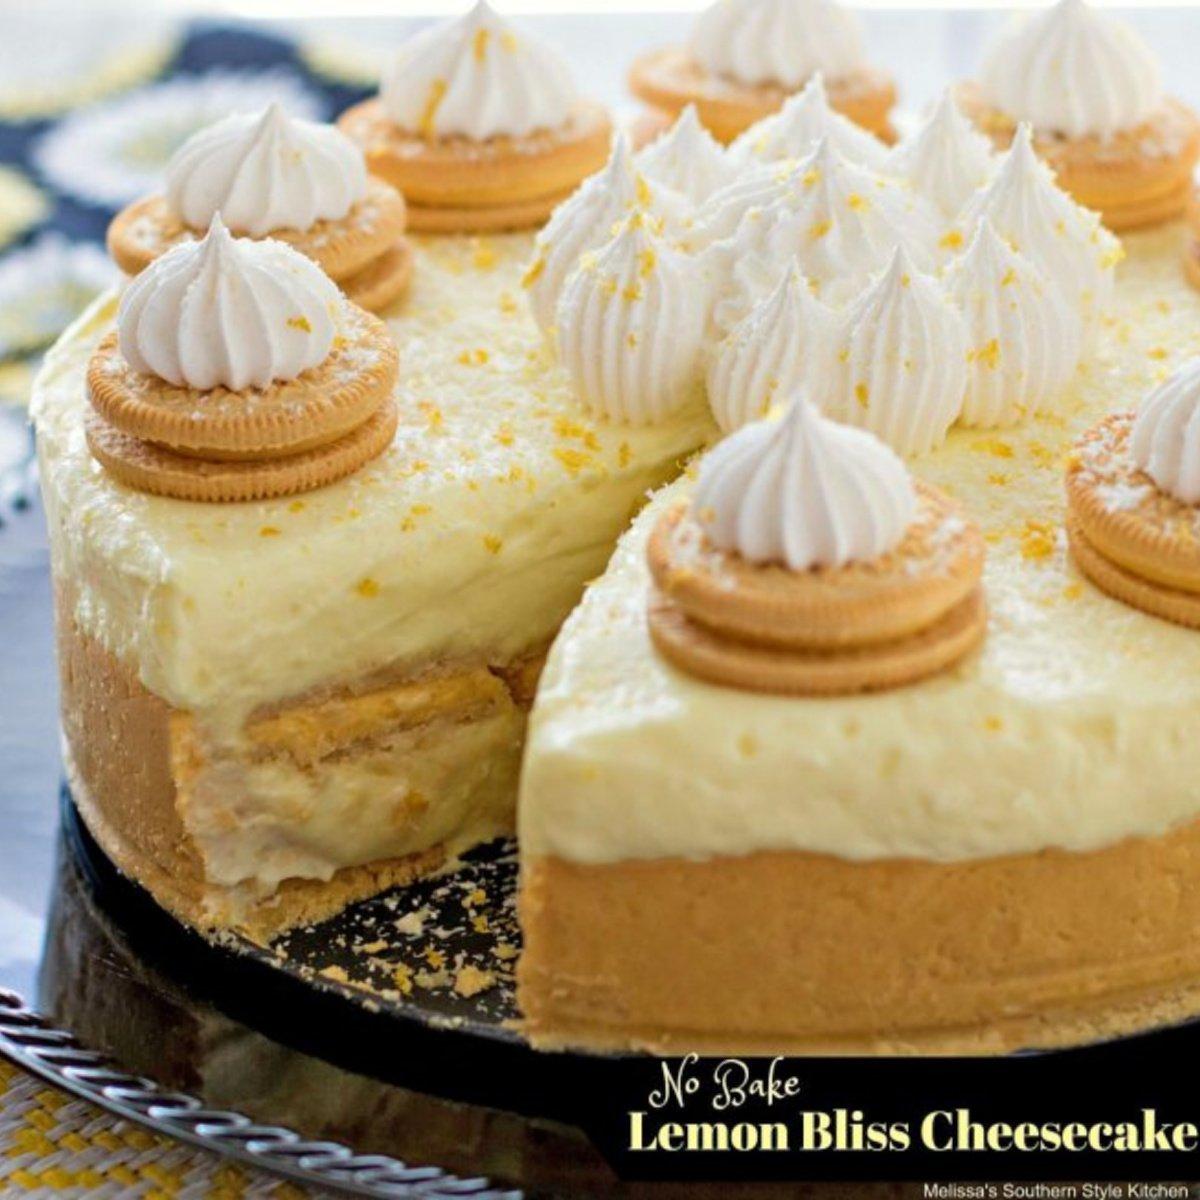 No-Bake Lemon Bliss Cheesecake